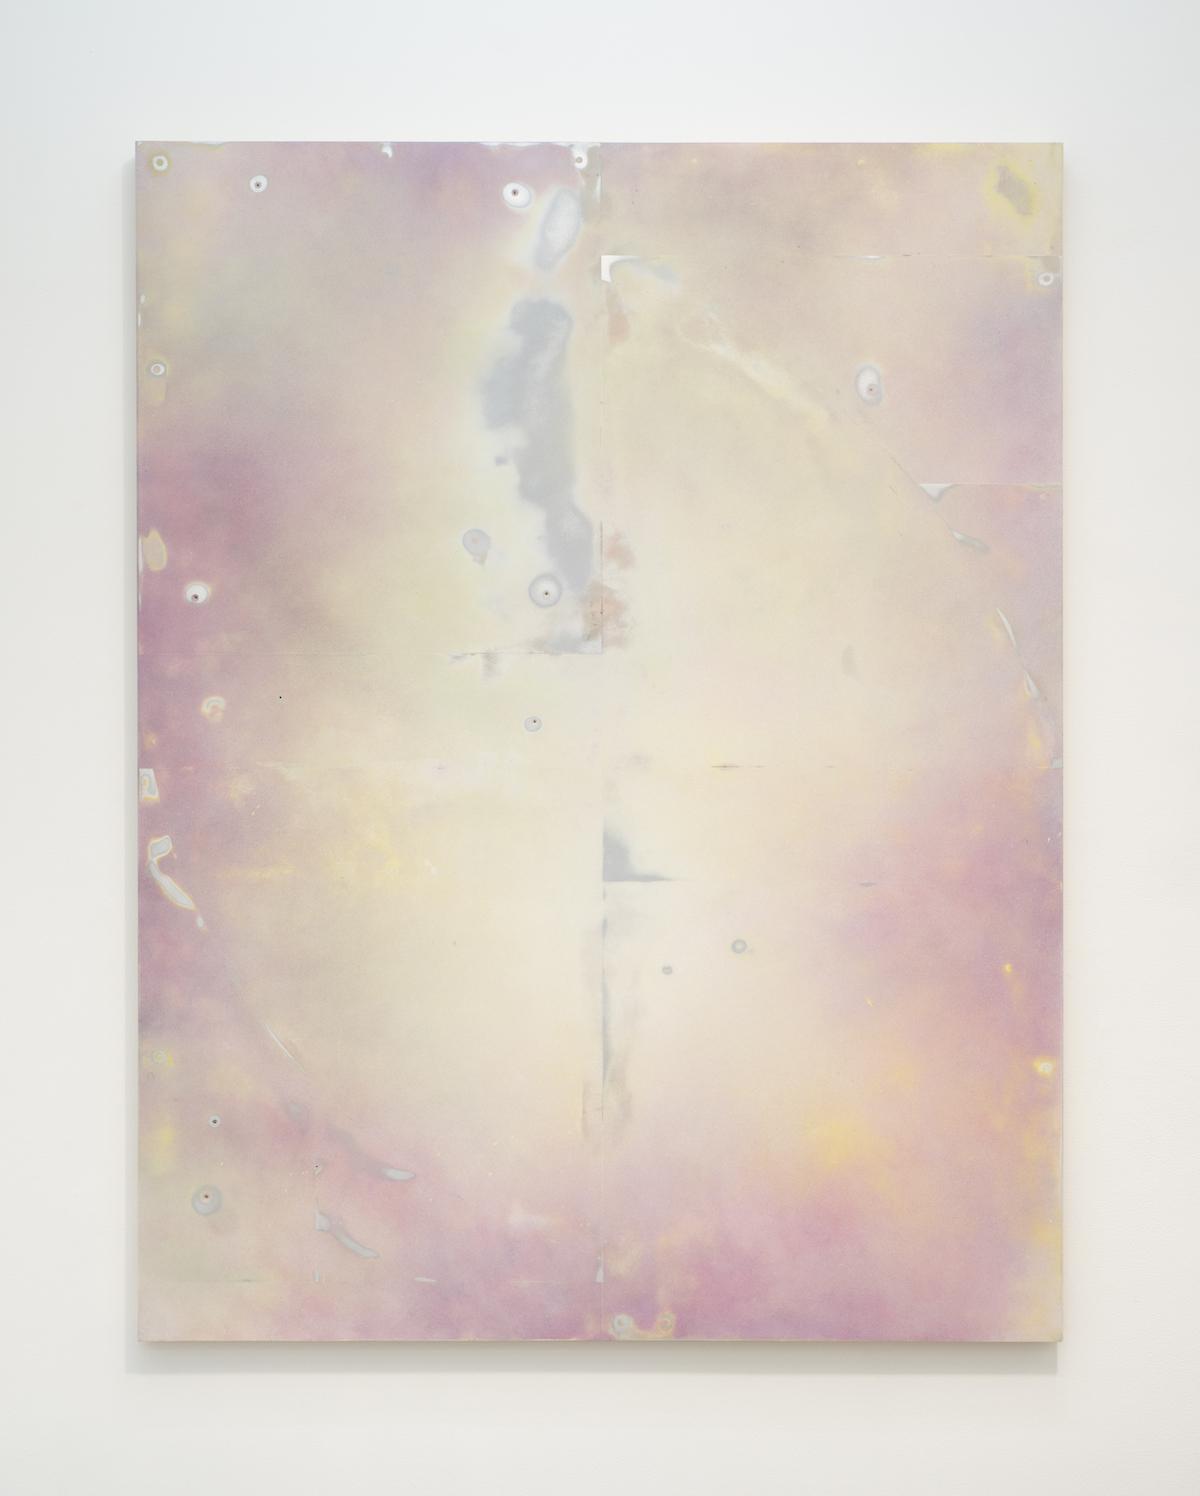 Bruised Panel 25, 2016